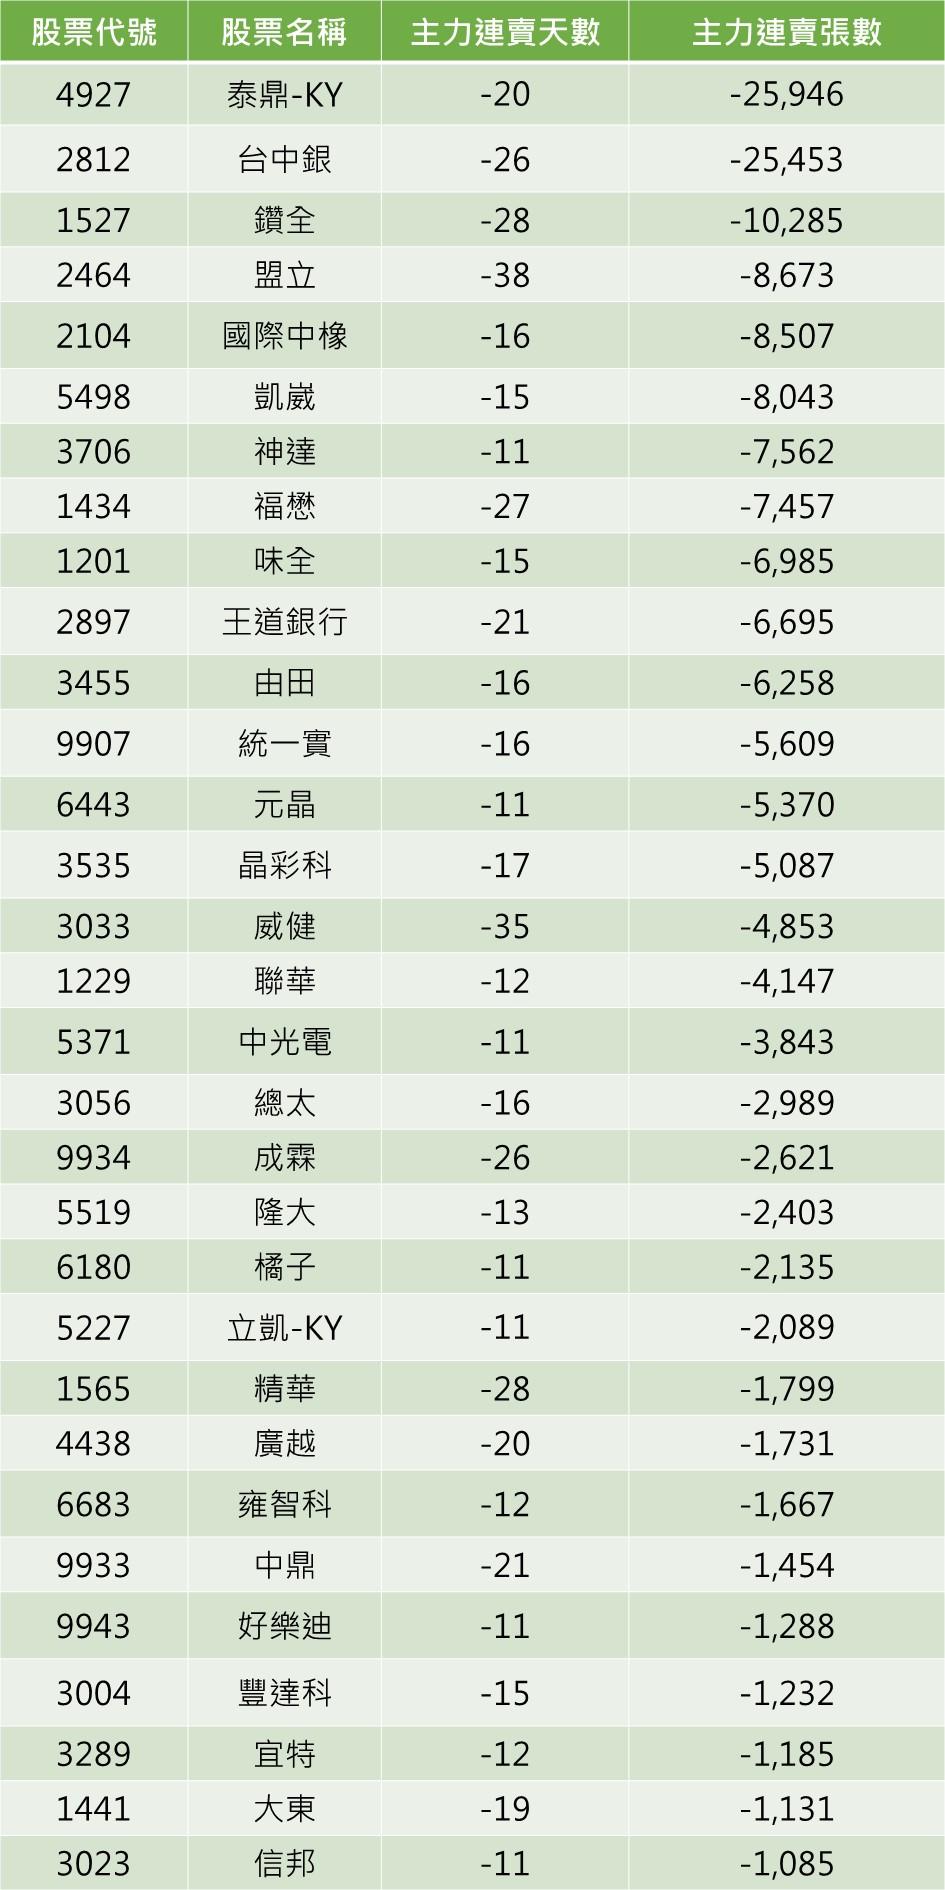 資料來源:籌碼K線/註:依主力連賣張數由大到小排列